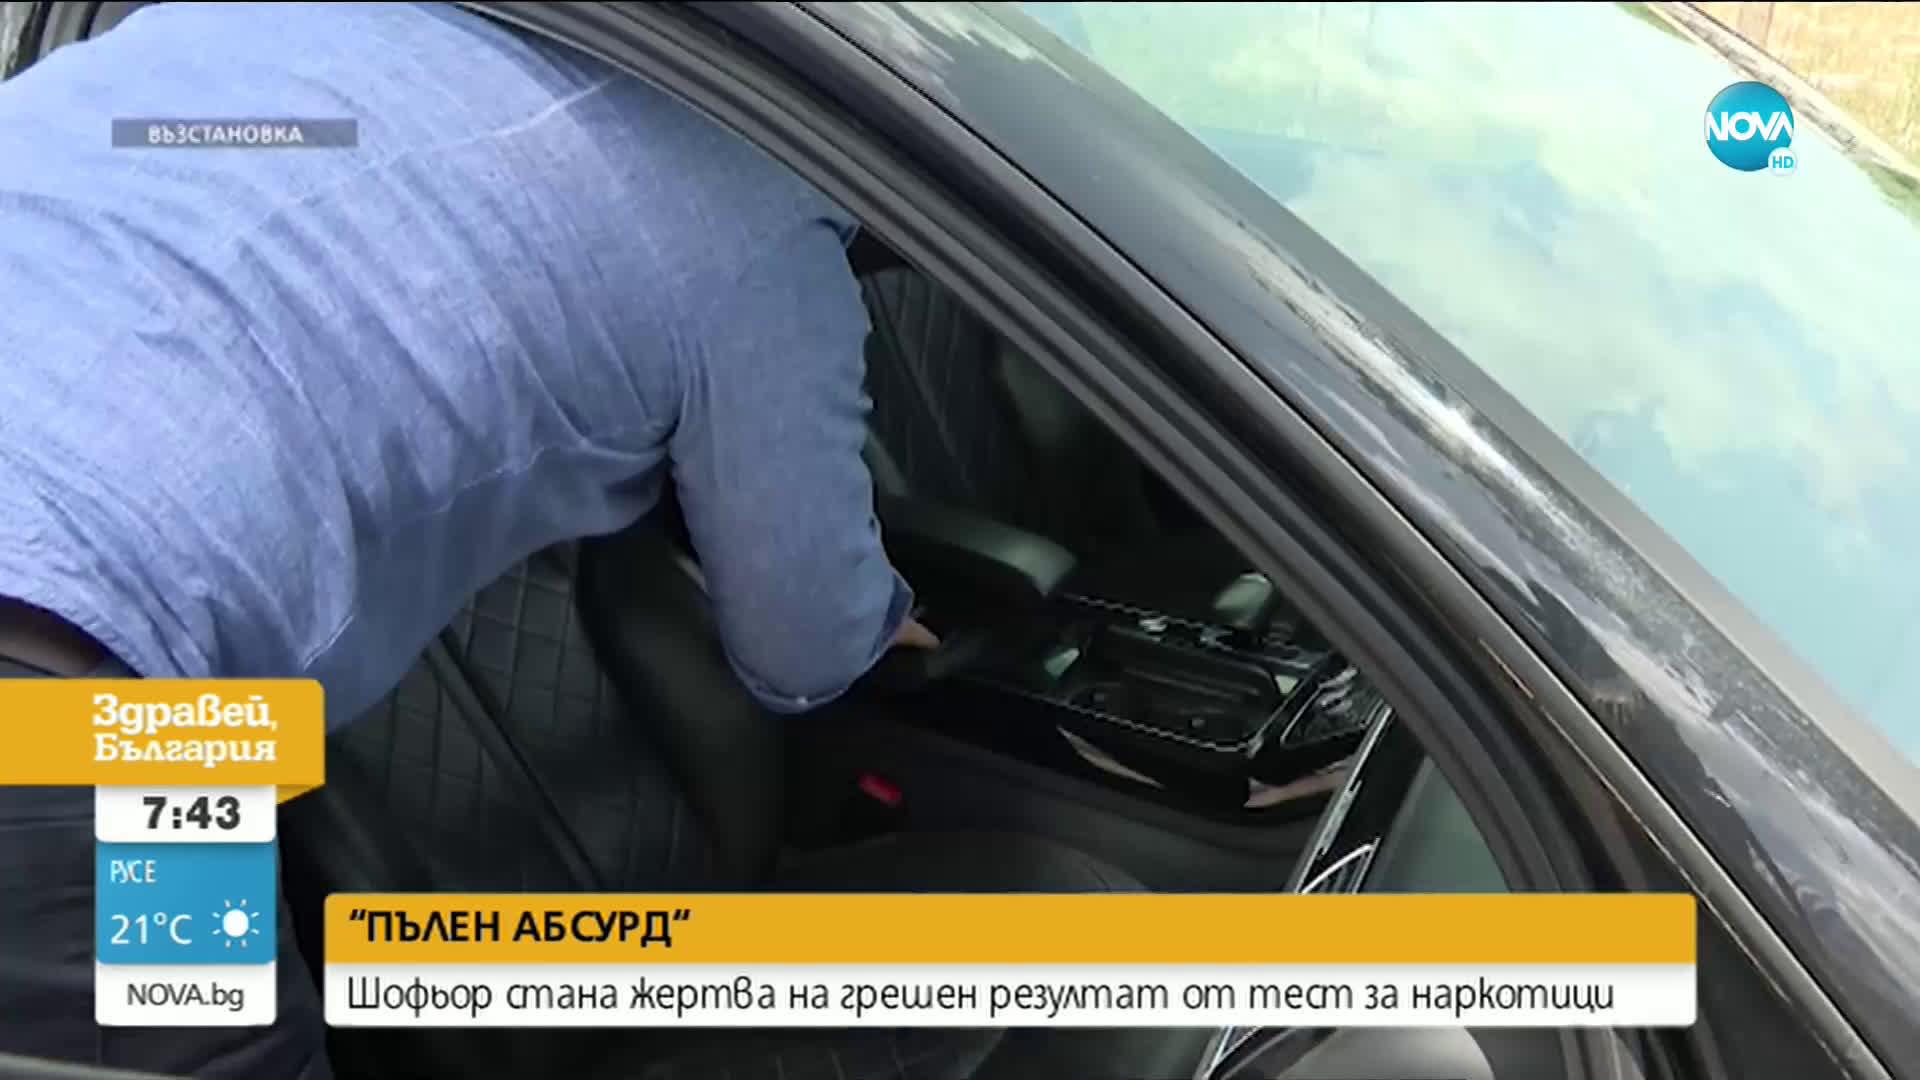 """""""ПЪЛЕН АБСУРД"""": Шофьор стана жертва на грешен резултат от тест за дрога"""